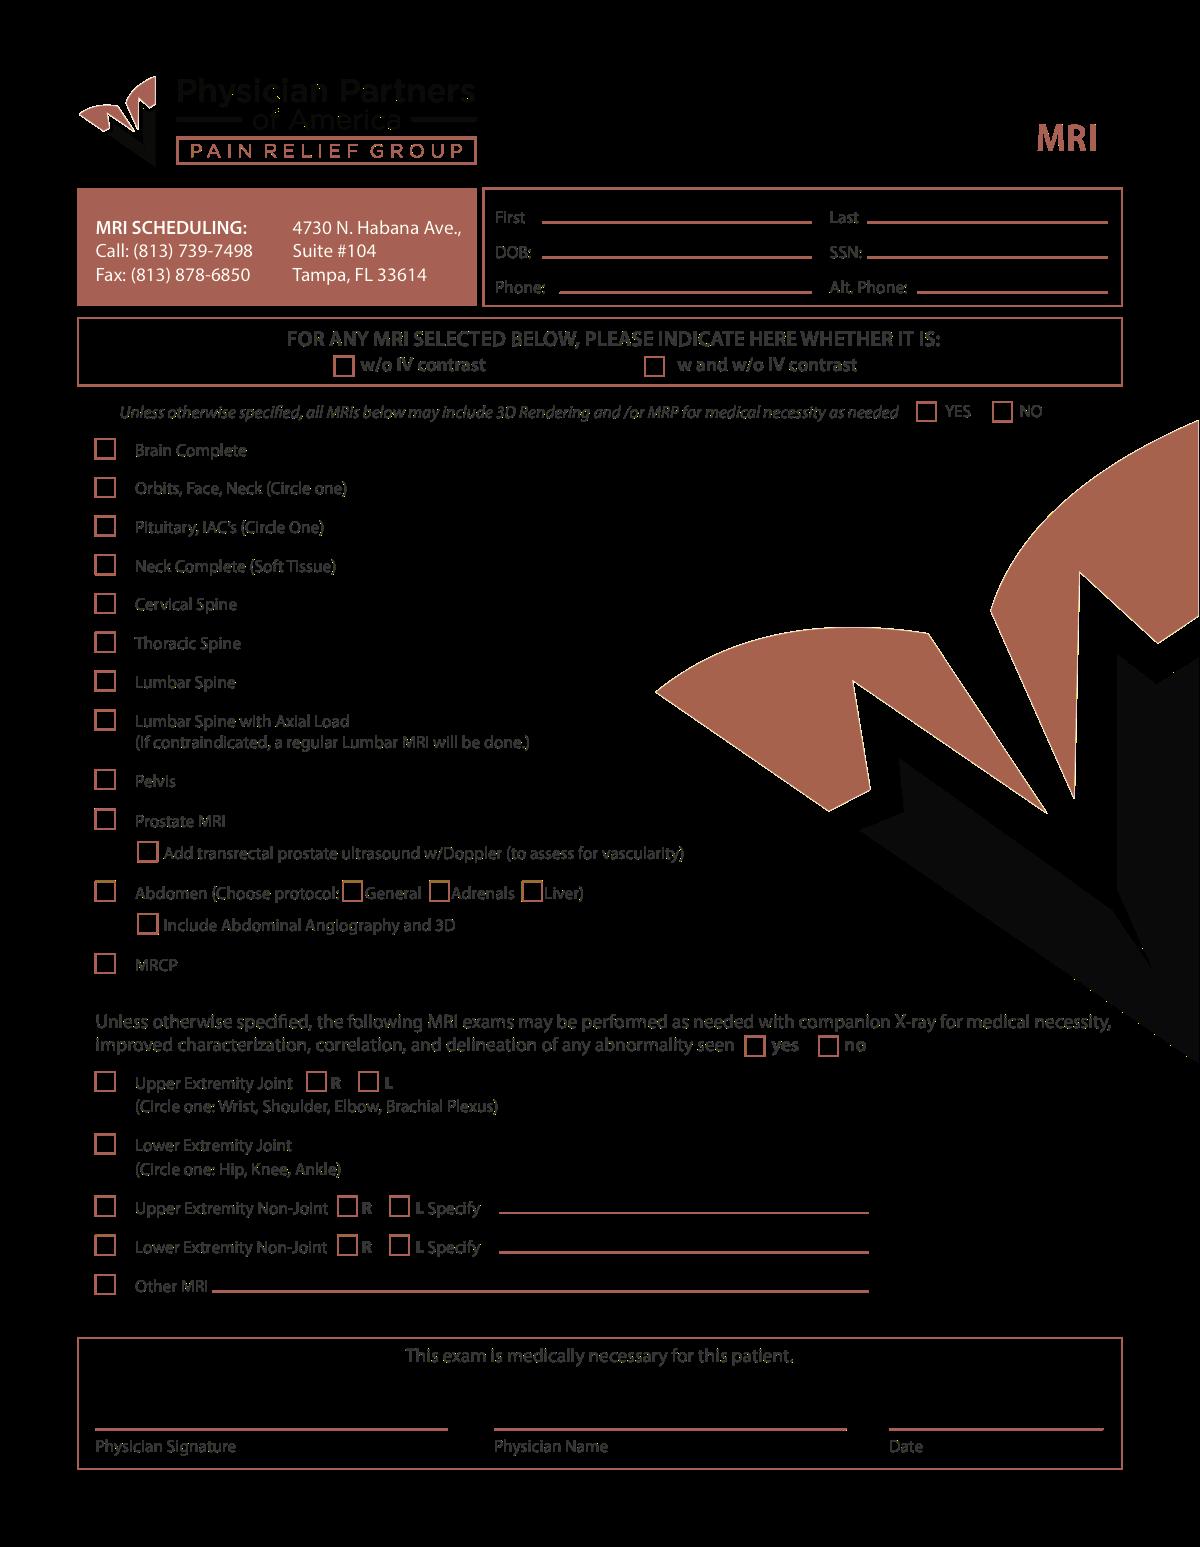 PPOA MRI - Order Form